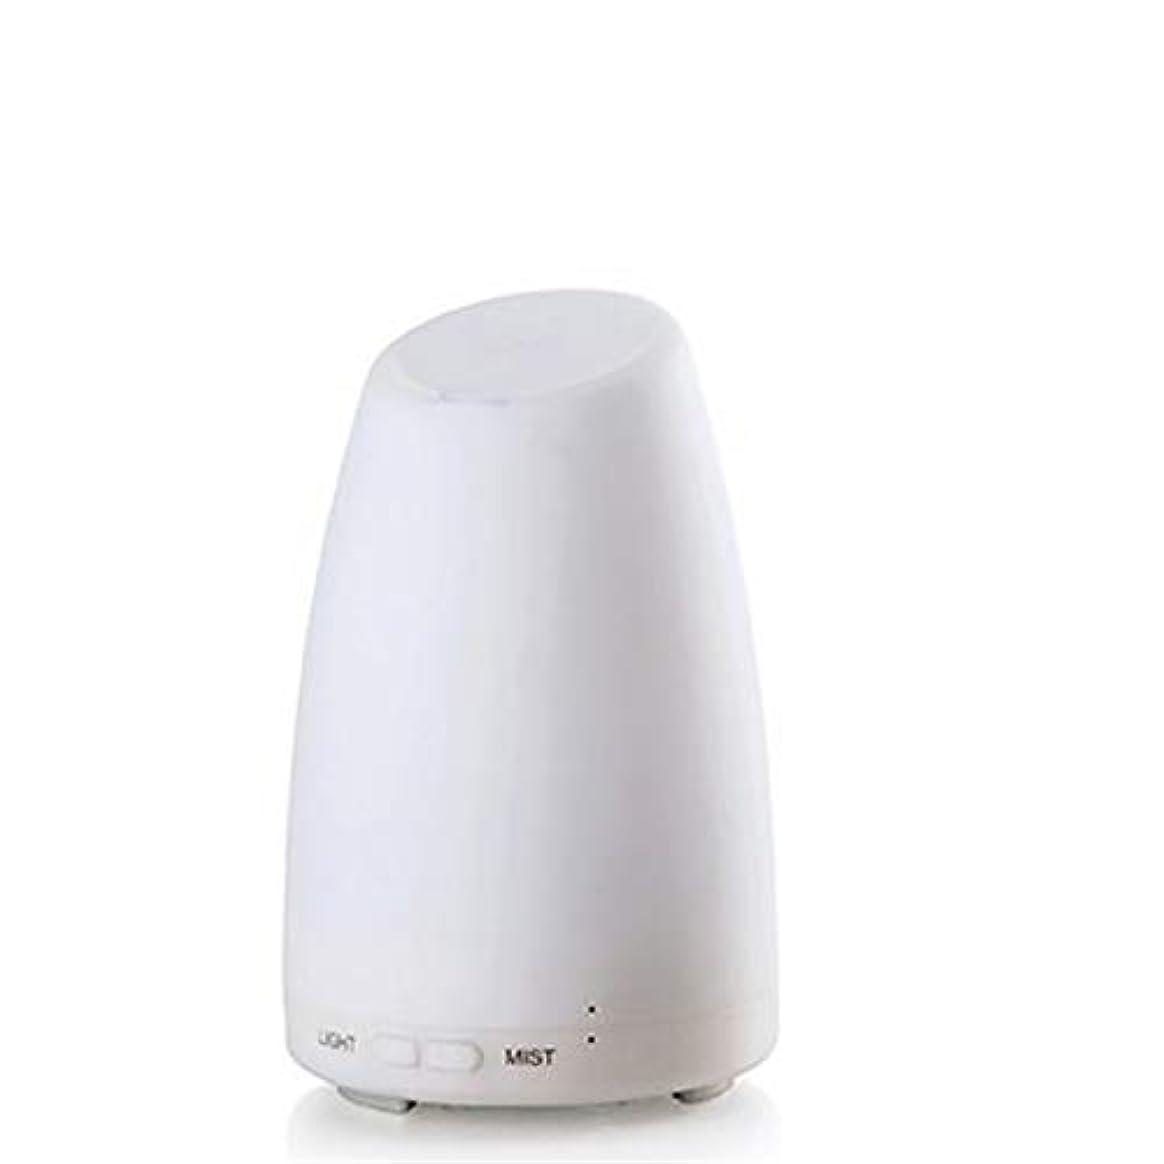 シーフードチャーター機構エッセンシャルオイルディフューザー、霧コントロール4h 使用、低水自動シャットダウン、7種類の LED ライト、家庭、オフィス、寝室、家族のベビールームとの超音波 100 ml アロマディフューザー